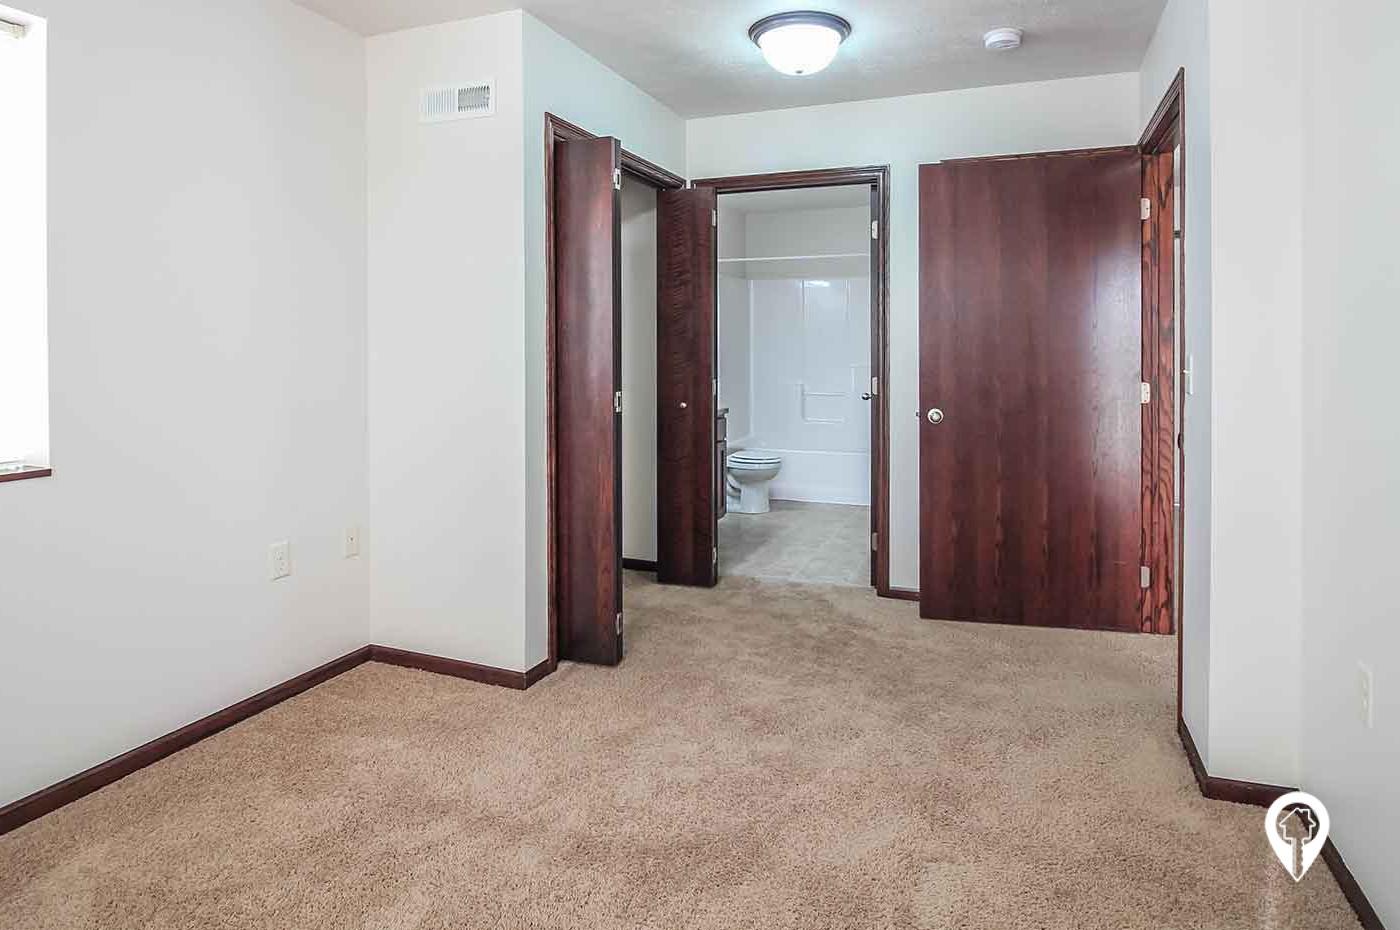 Bancroft Place Apartments